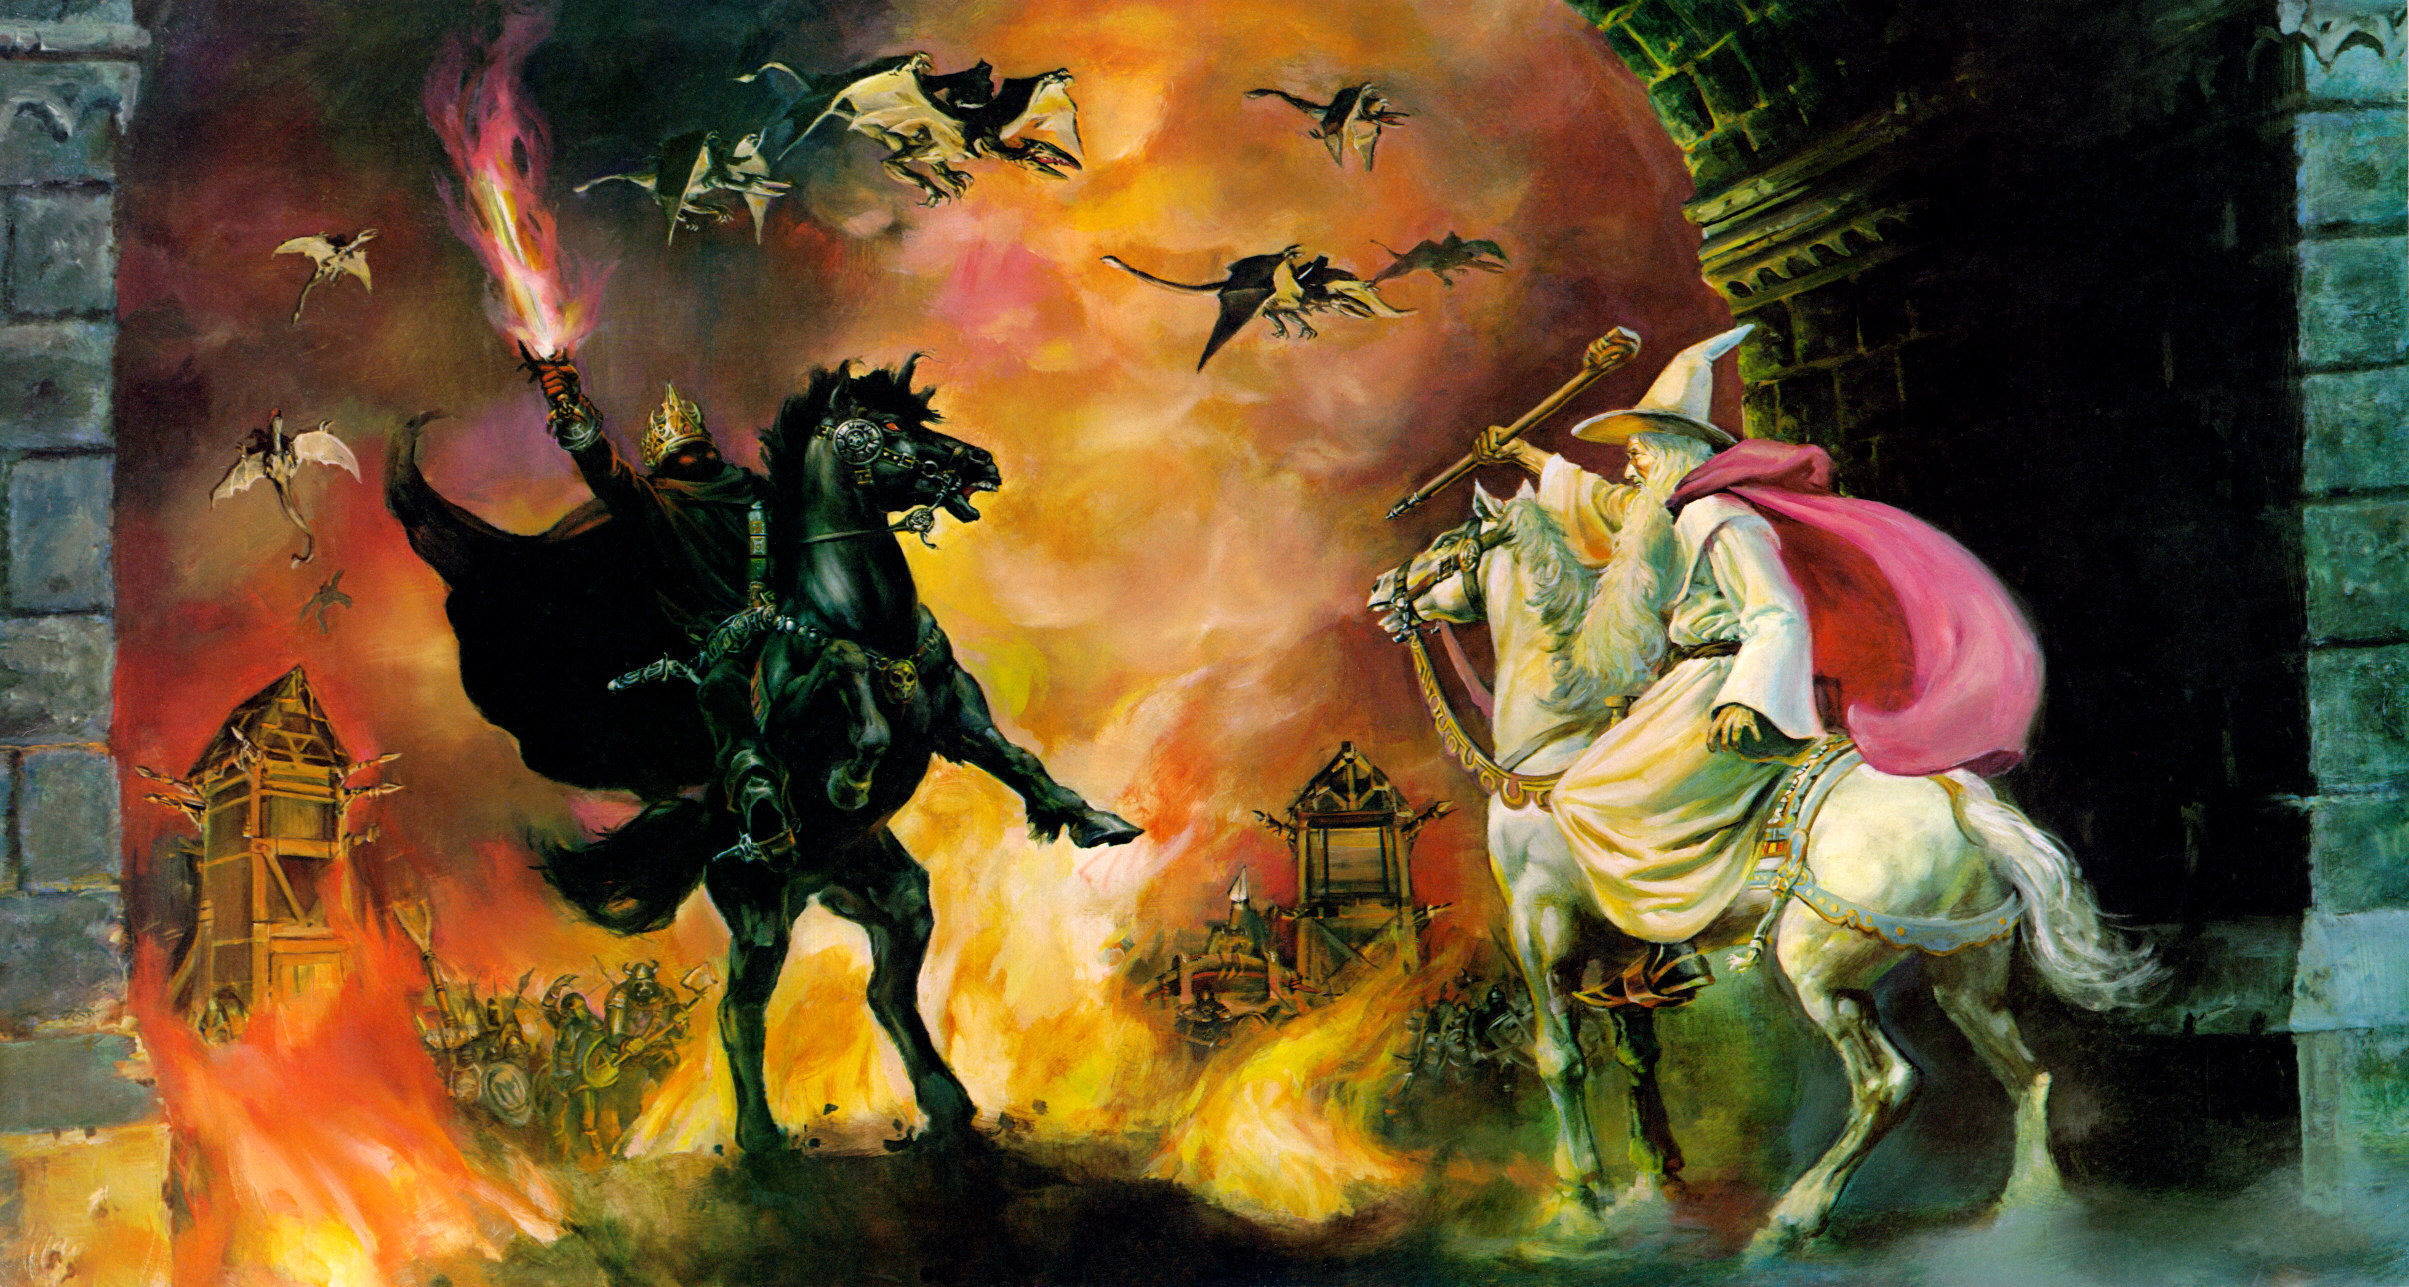 En su enfrentamiento en la puerta, el Rey Brujo se marcha al oir los cuernos de Rohan. ¿Por qué Gandalf no lo persigue?